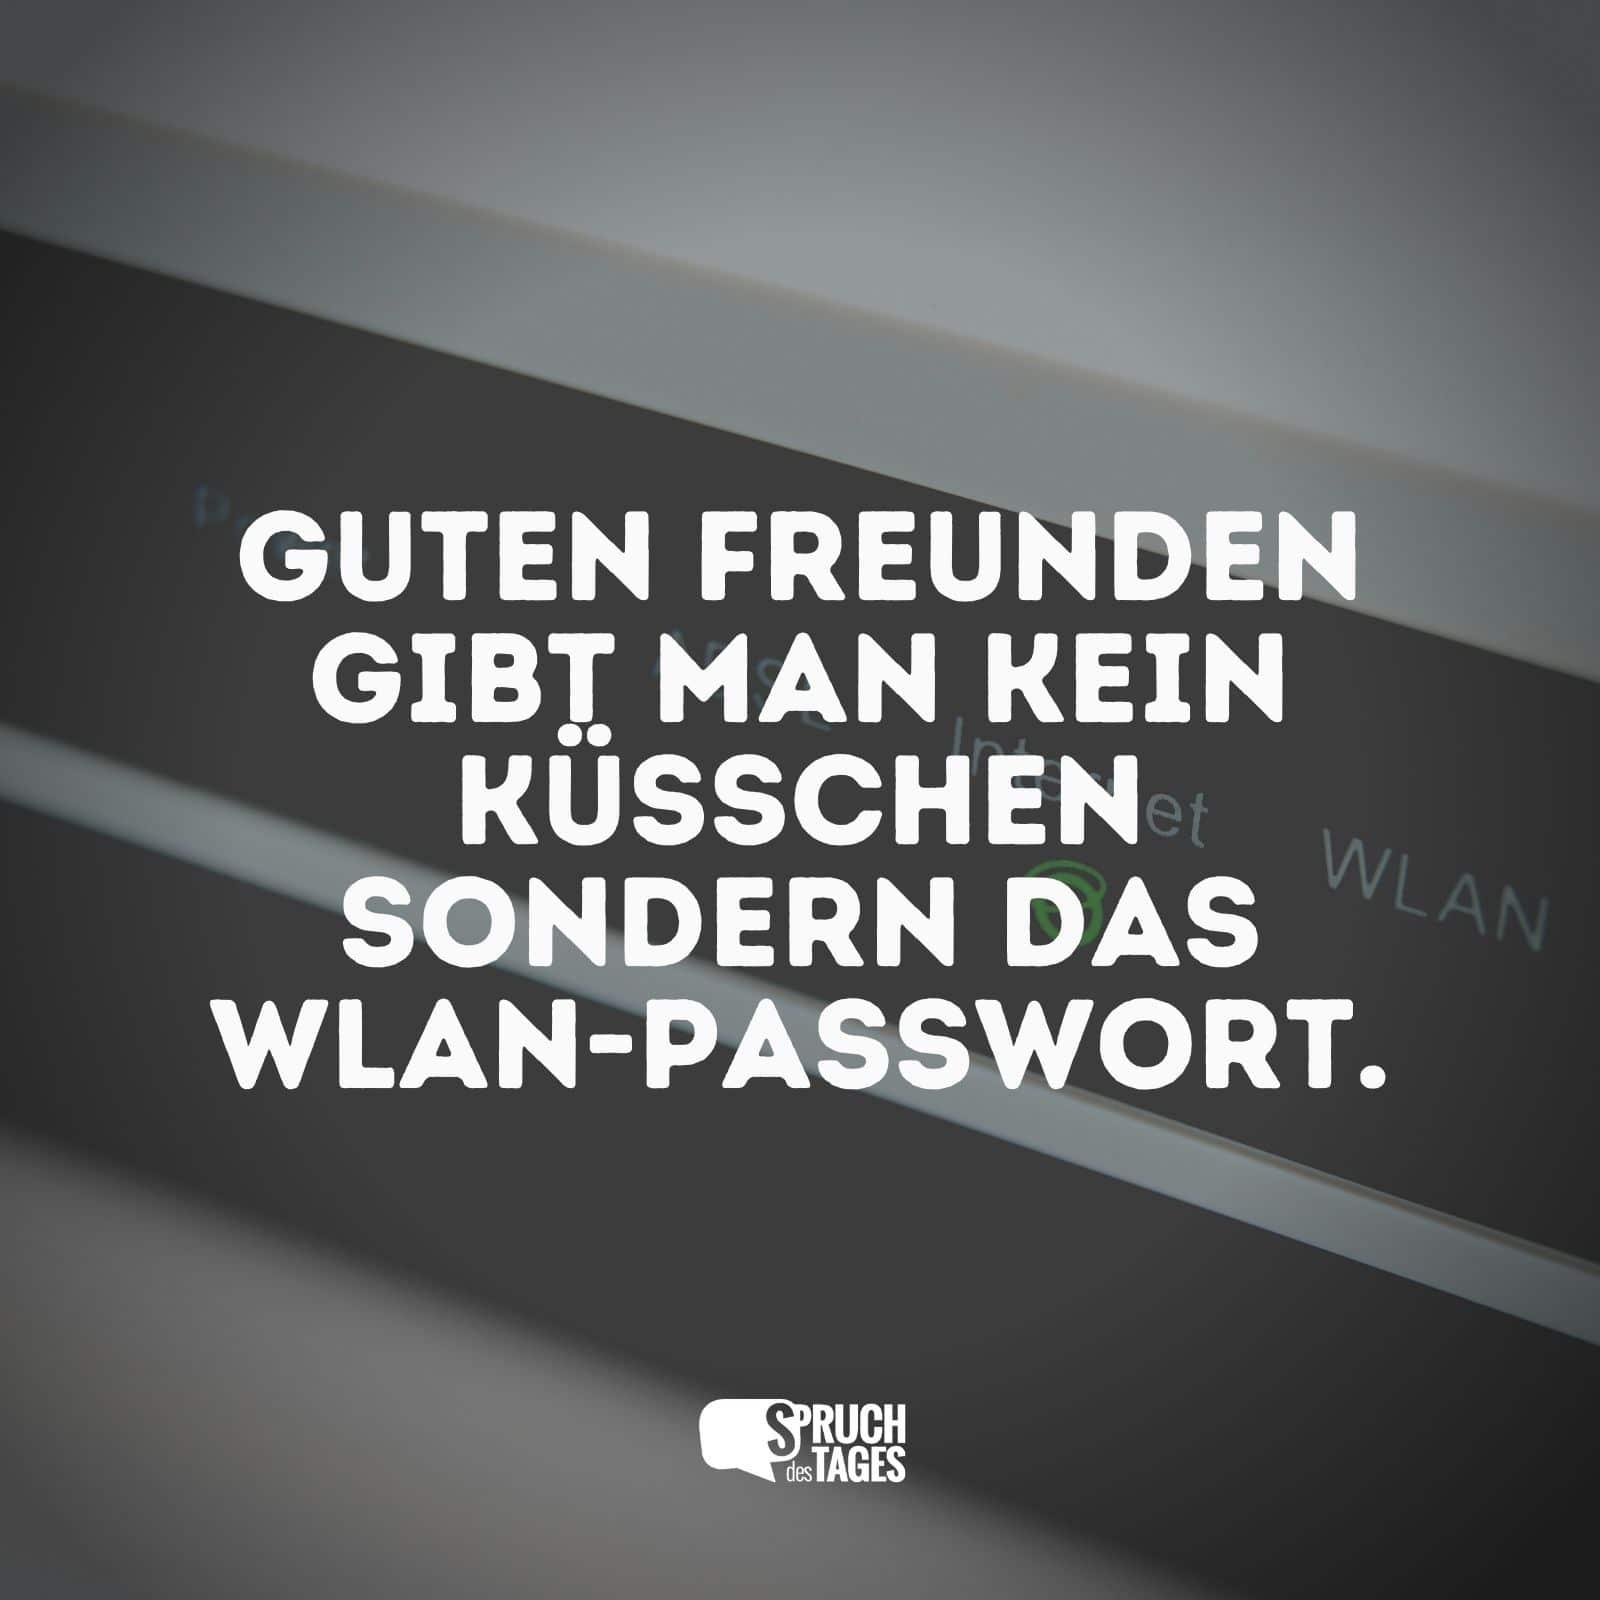 Guten Freunden gibt man kein Küsschen sondern das WLAN Passwort.